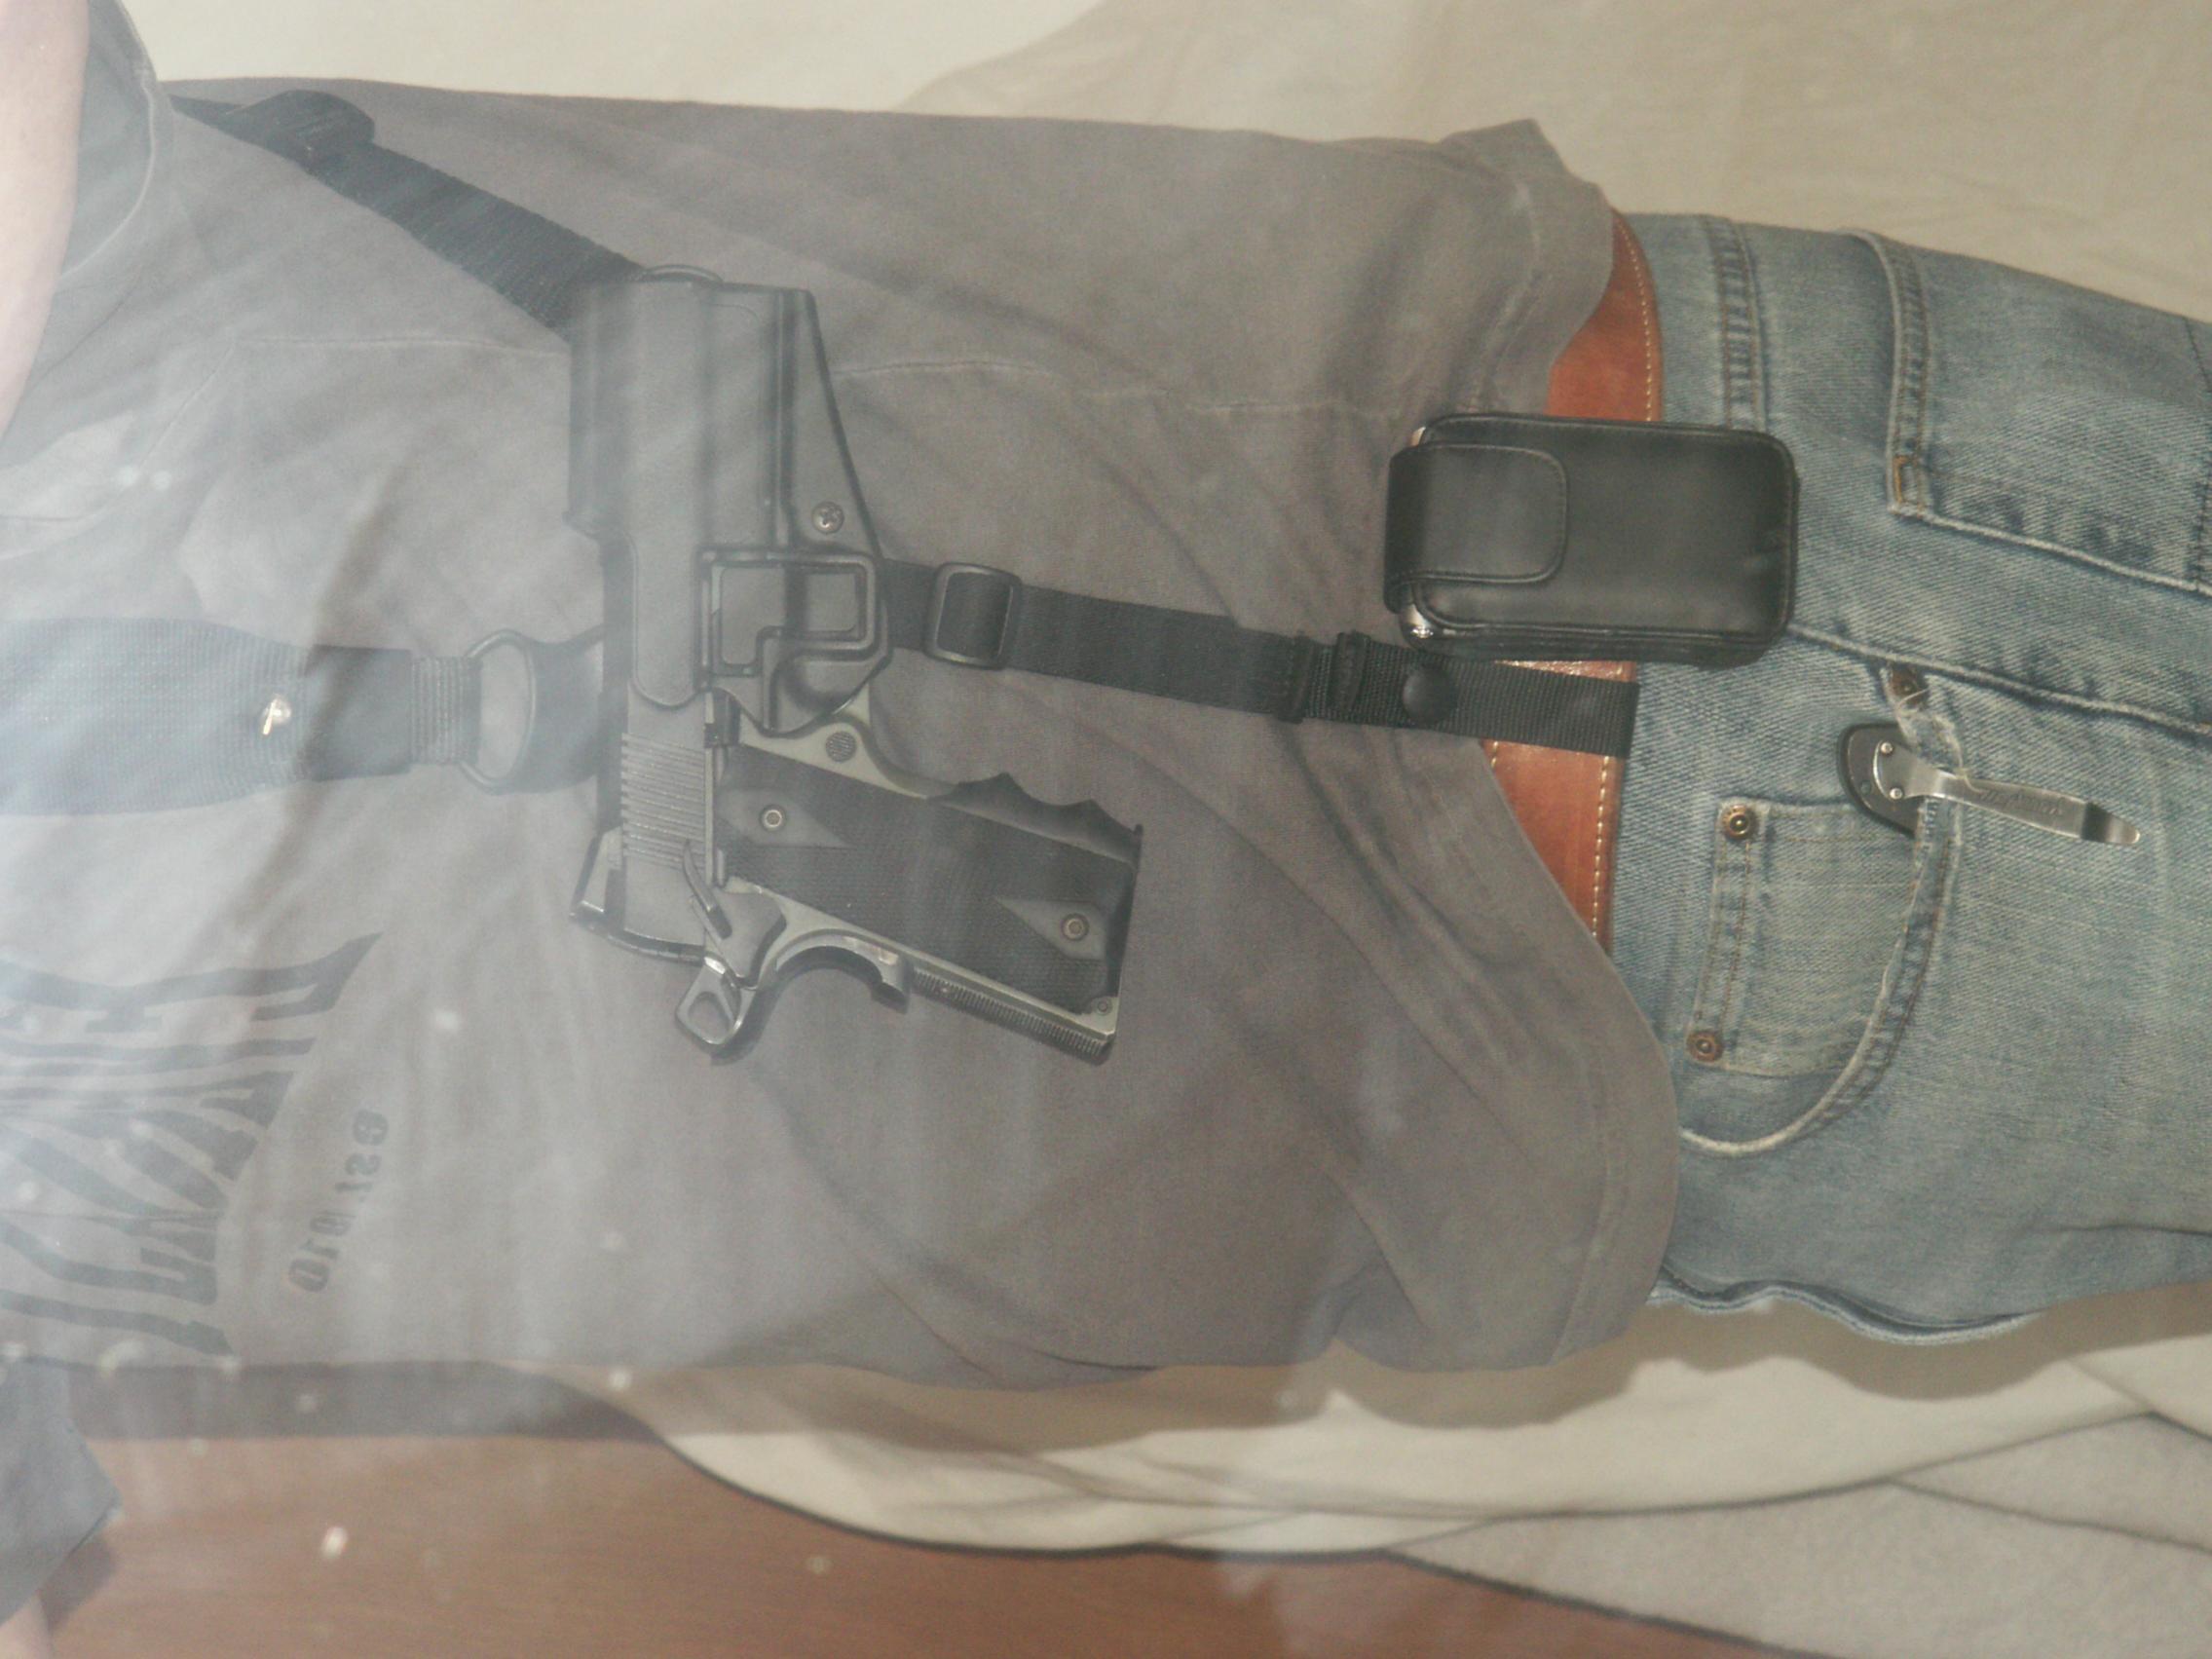 Blackhawk SERPA holster review-safe-asorted-008.jpg